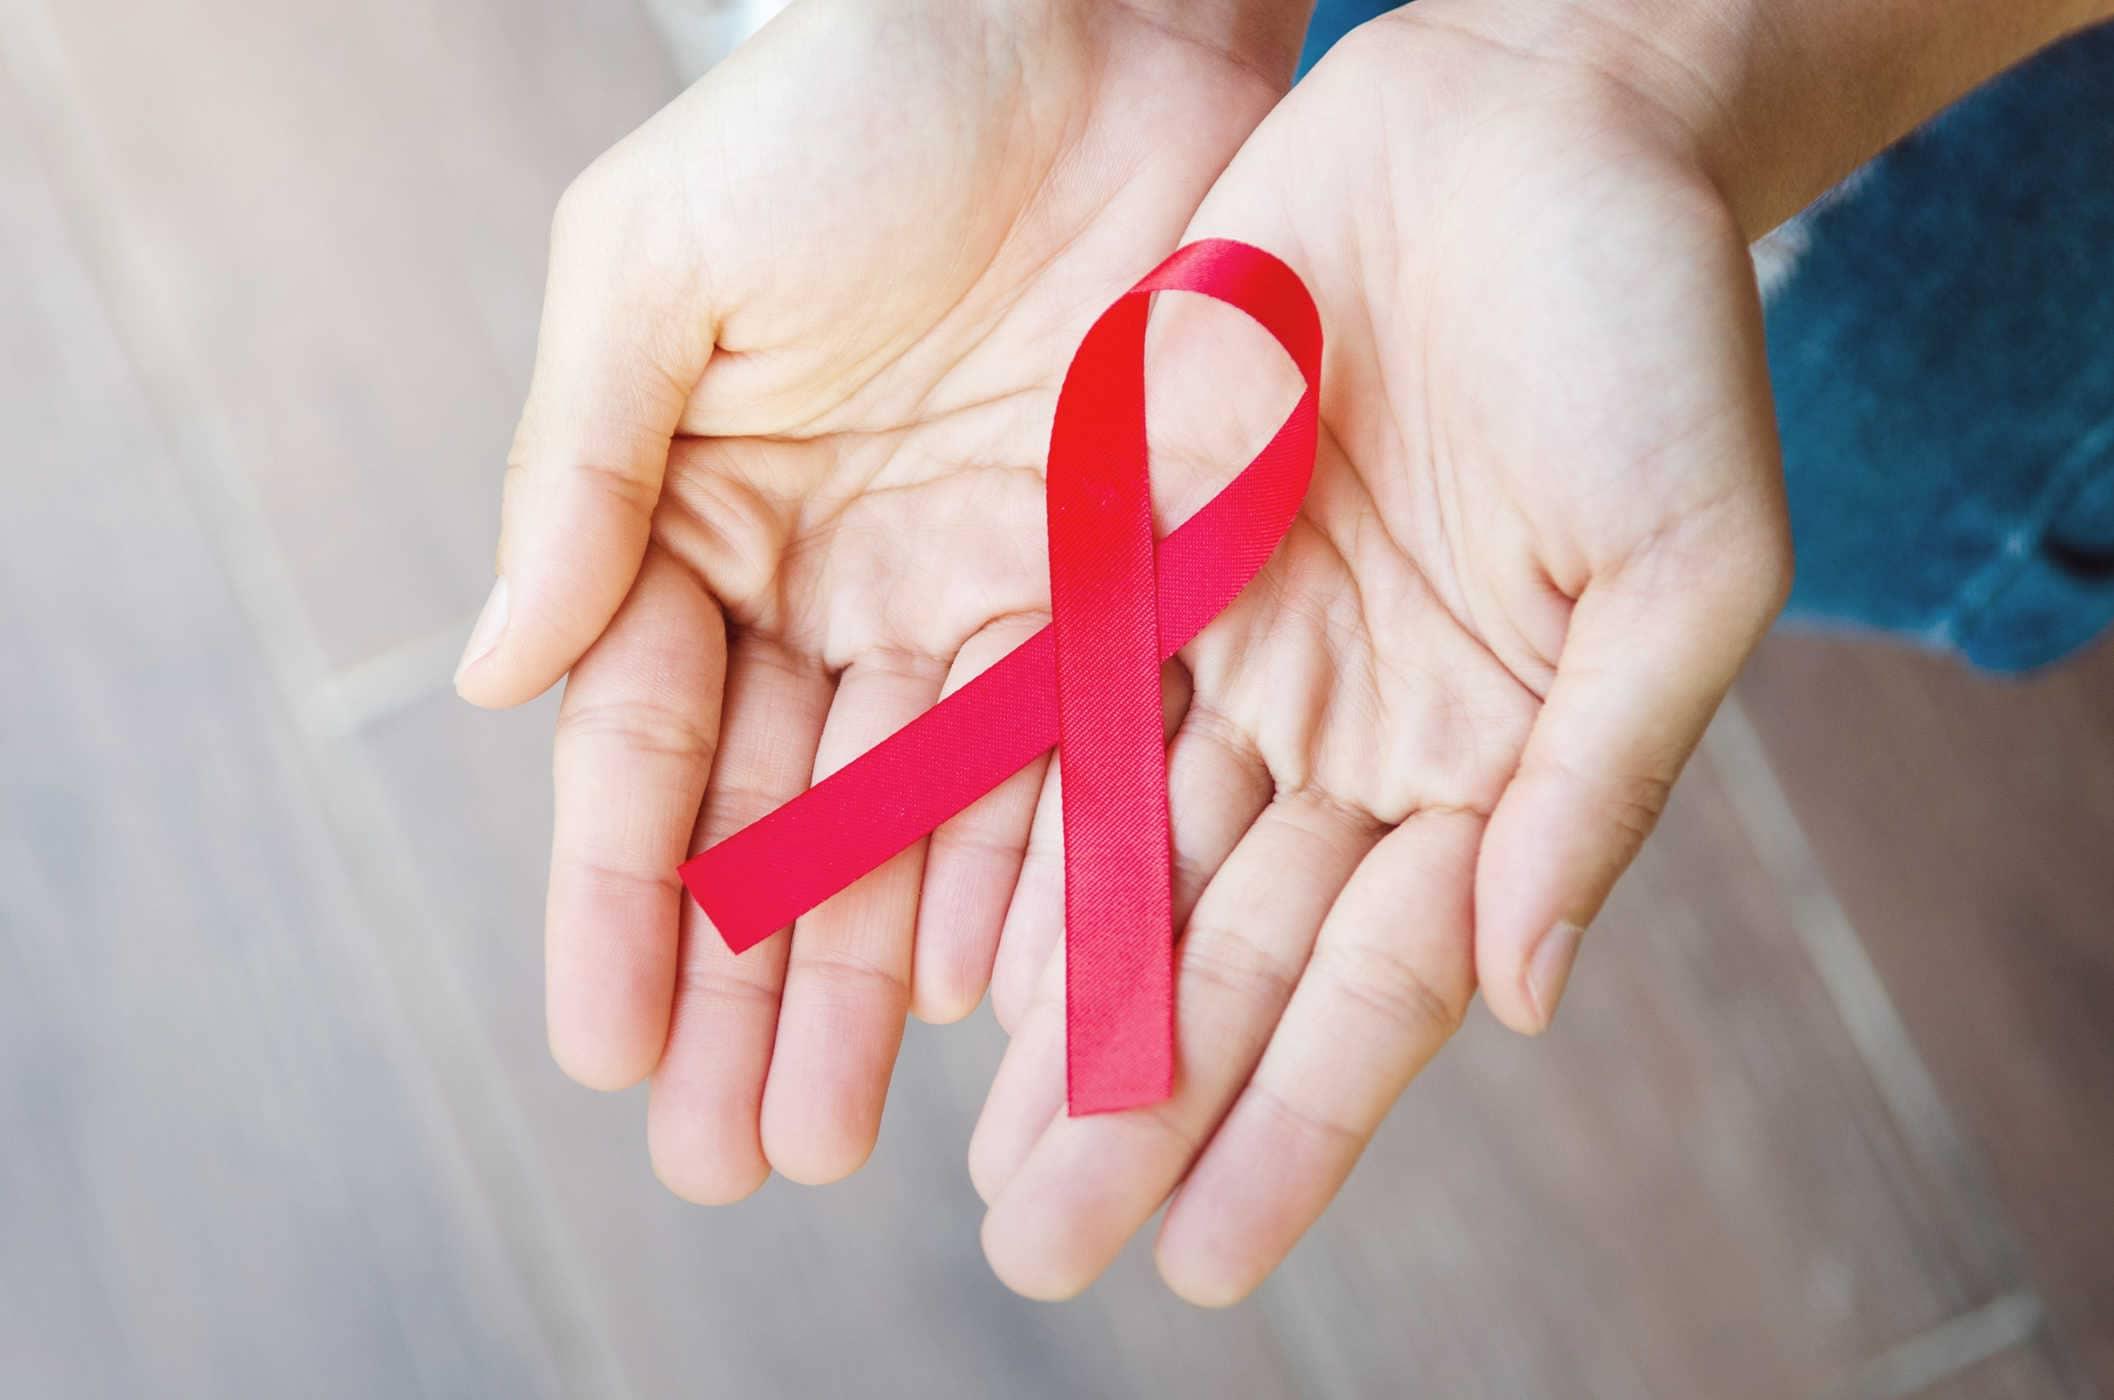 Kết quả hình ảnh cho Lây nhiễm HIV khi đi massage